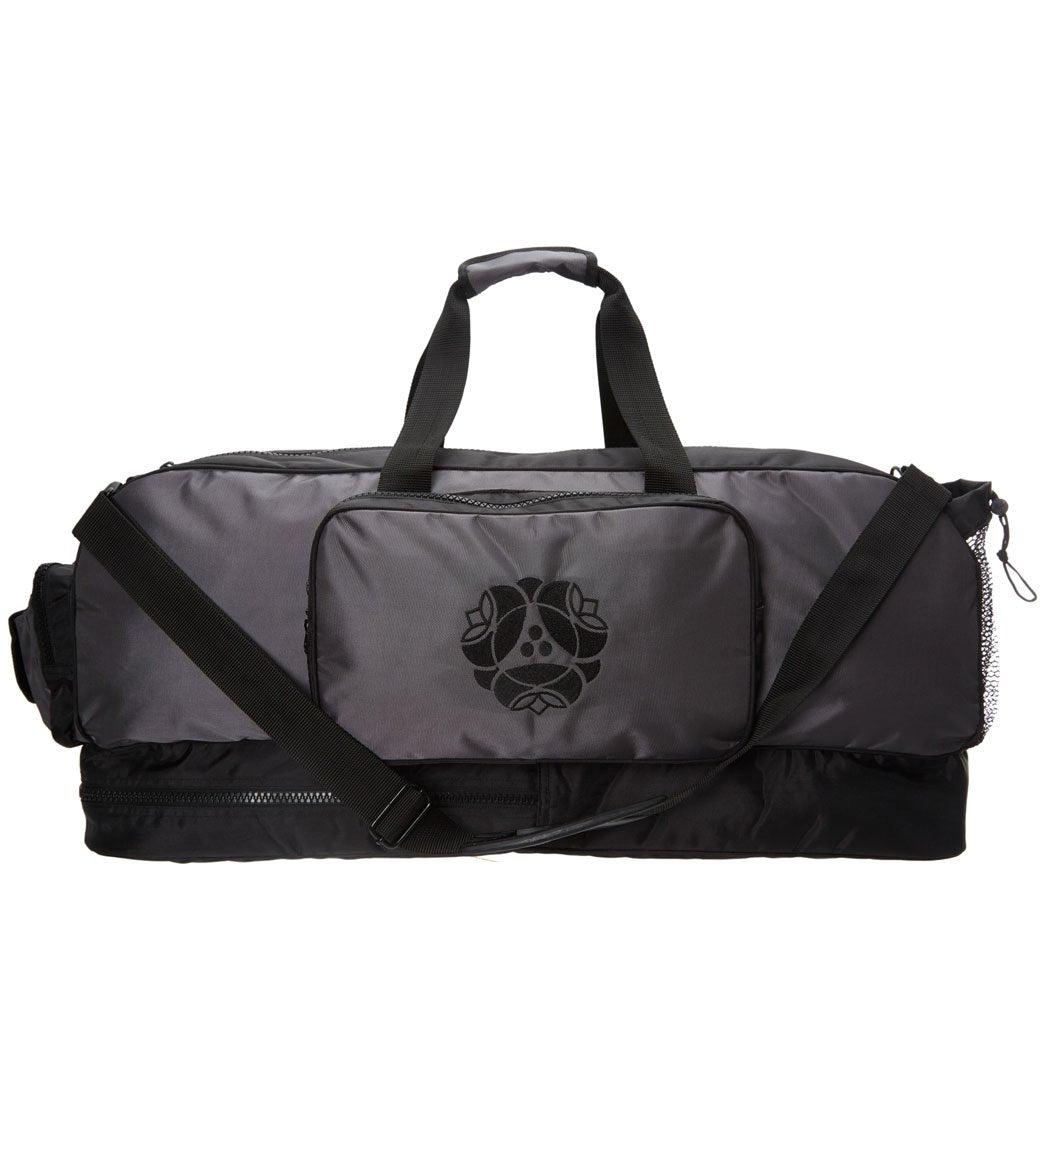 Hugger Mugger Journey Bag Gray 100% Polyester